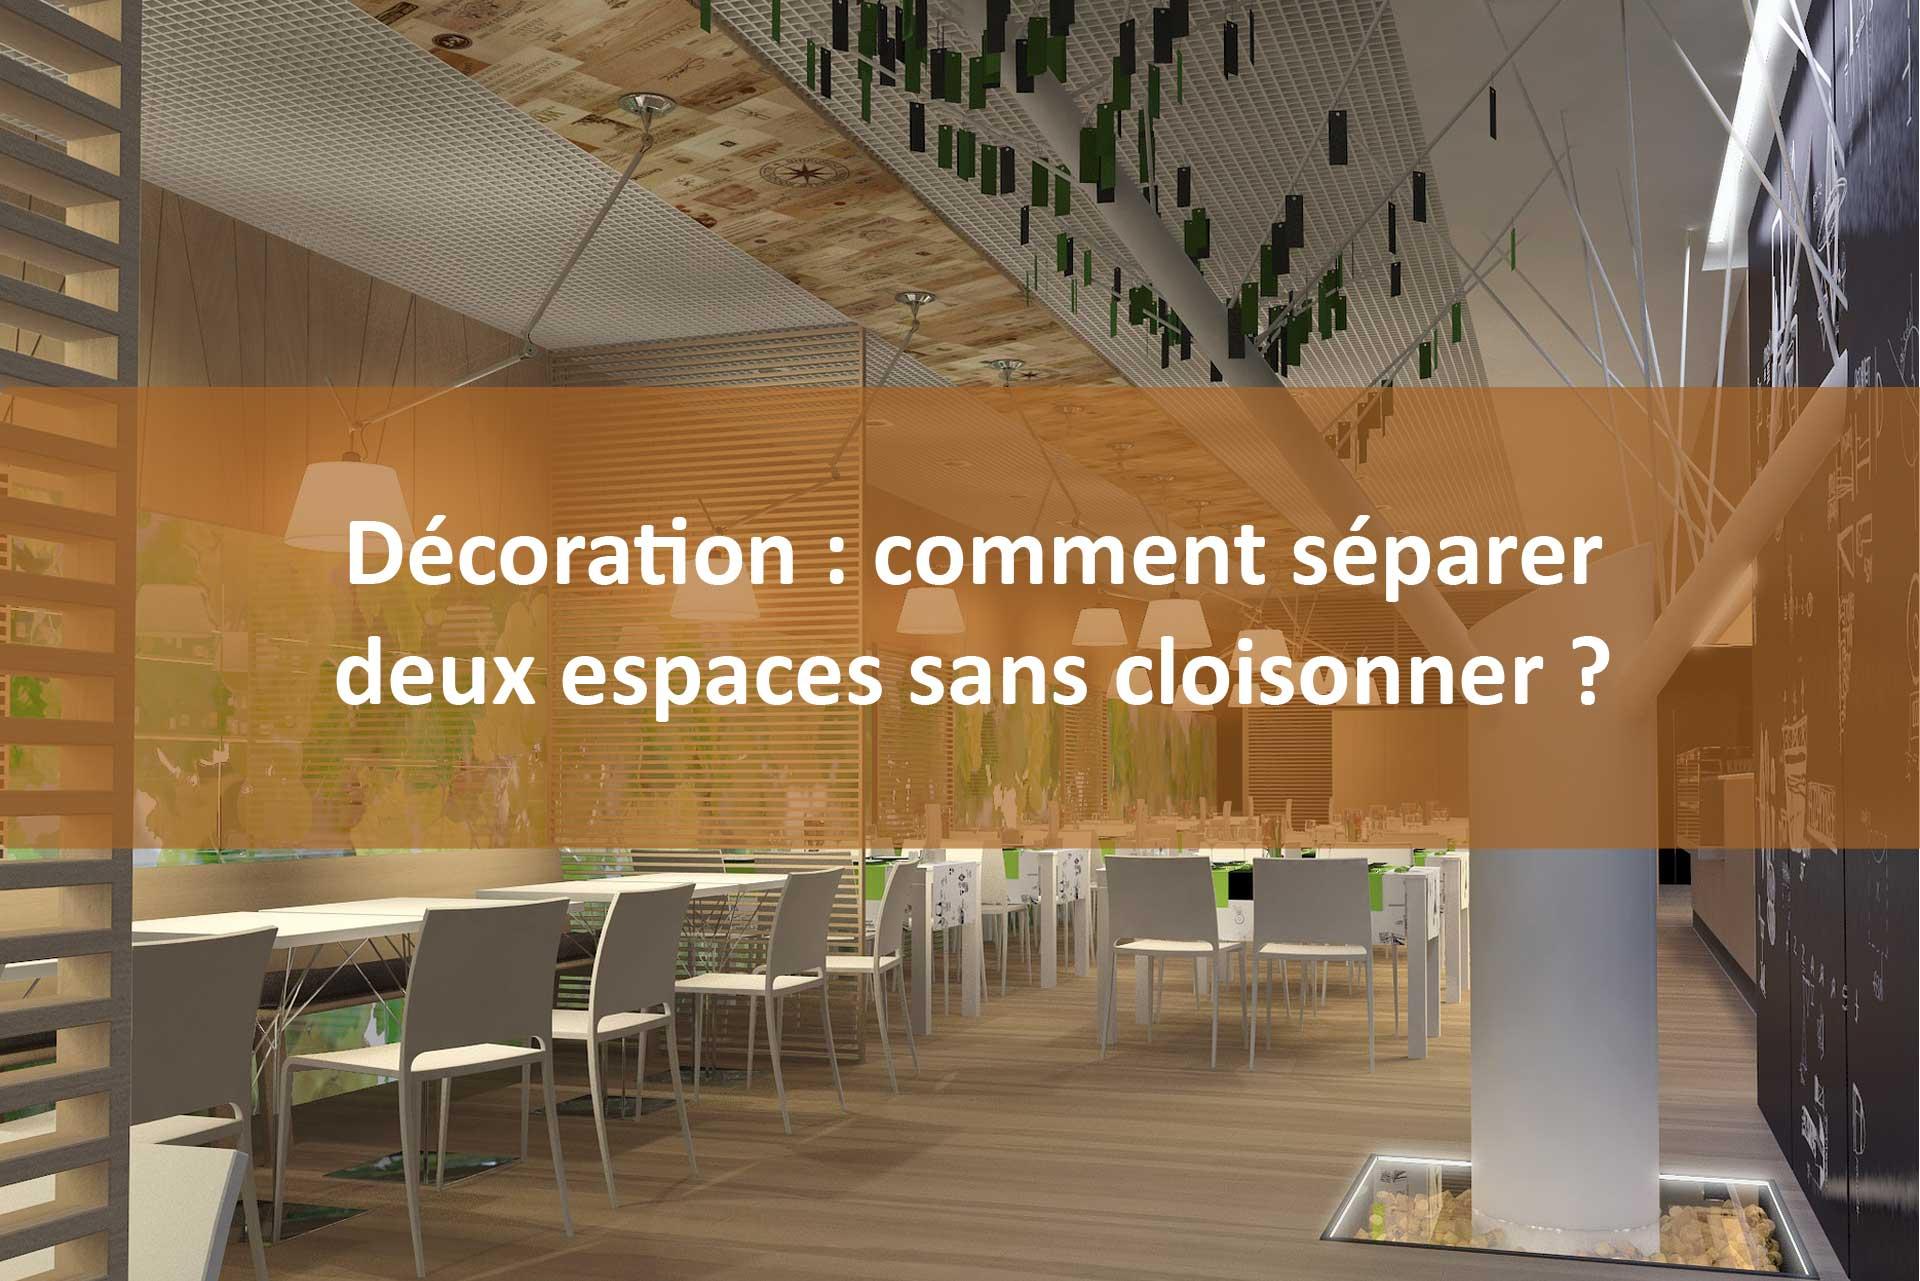 Décoration : comment séparer deux espaces sans cloisonner ?